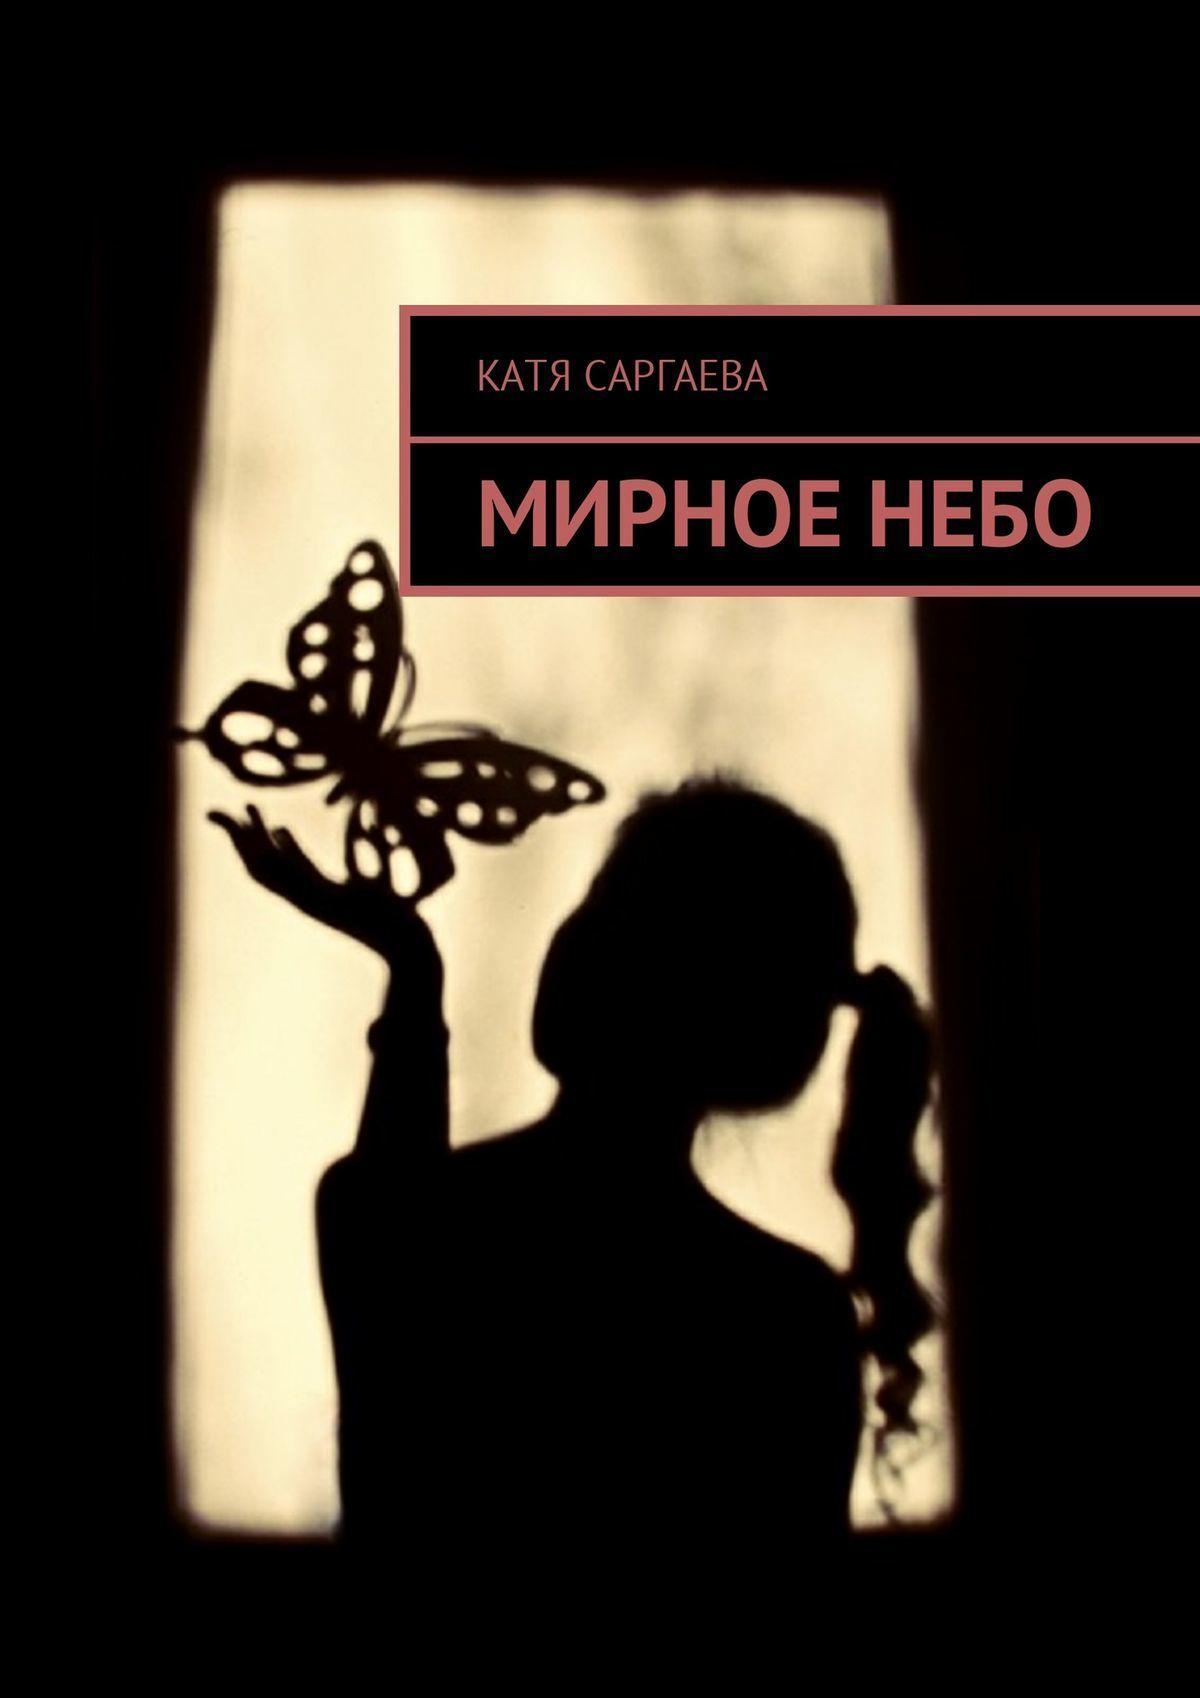 Катя Саргаева - Мирное небо